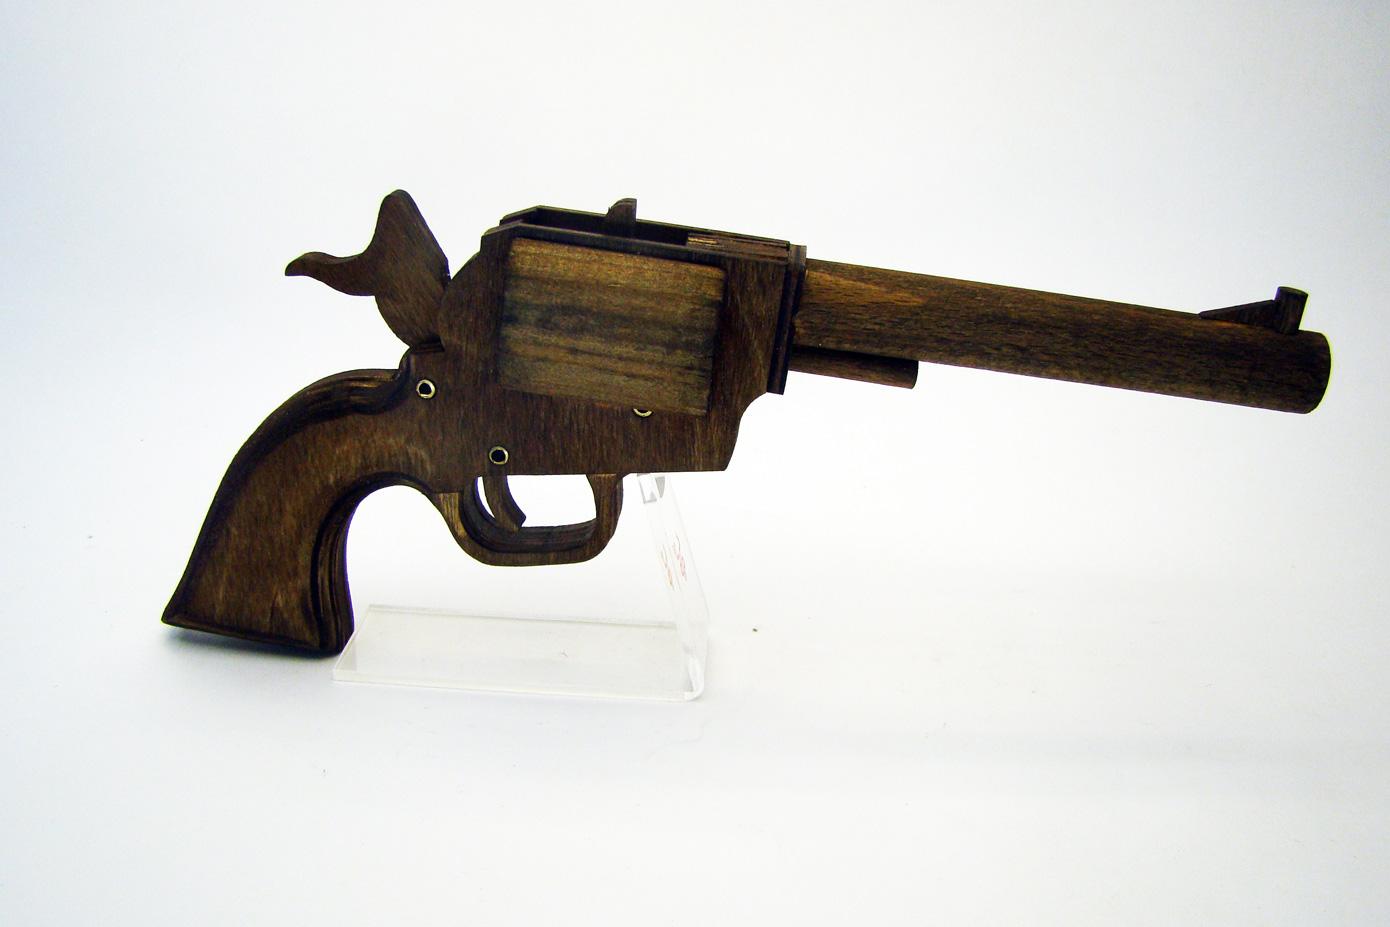 Colt PeaceMaker стреляет резинками изображение 1